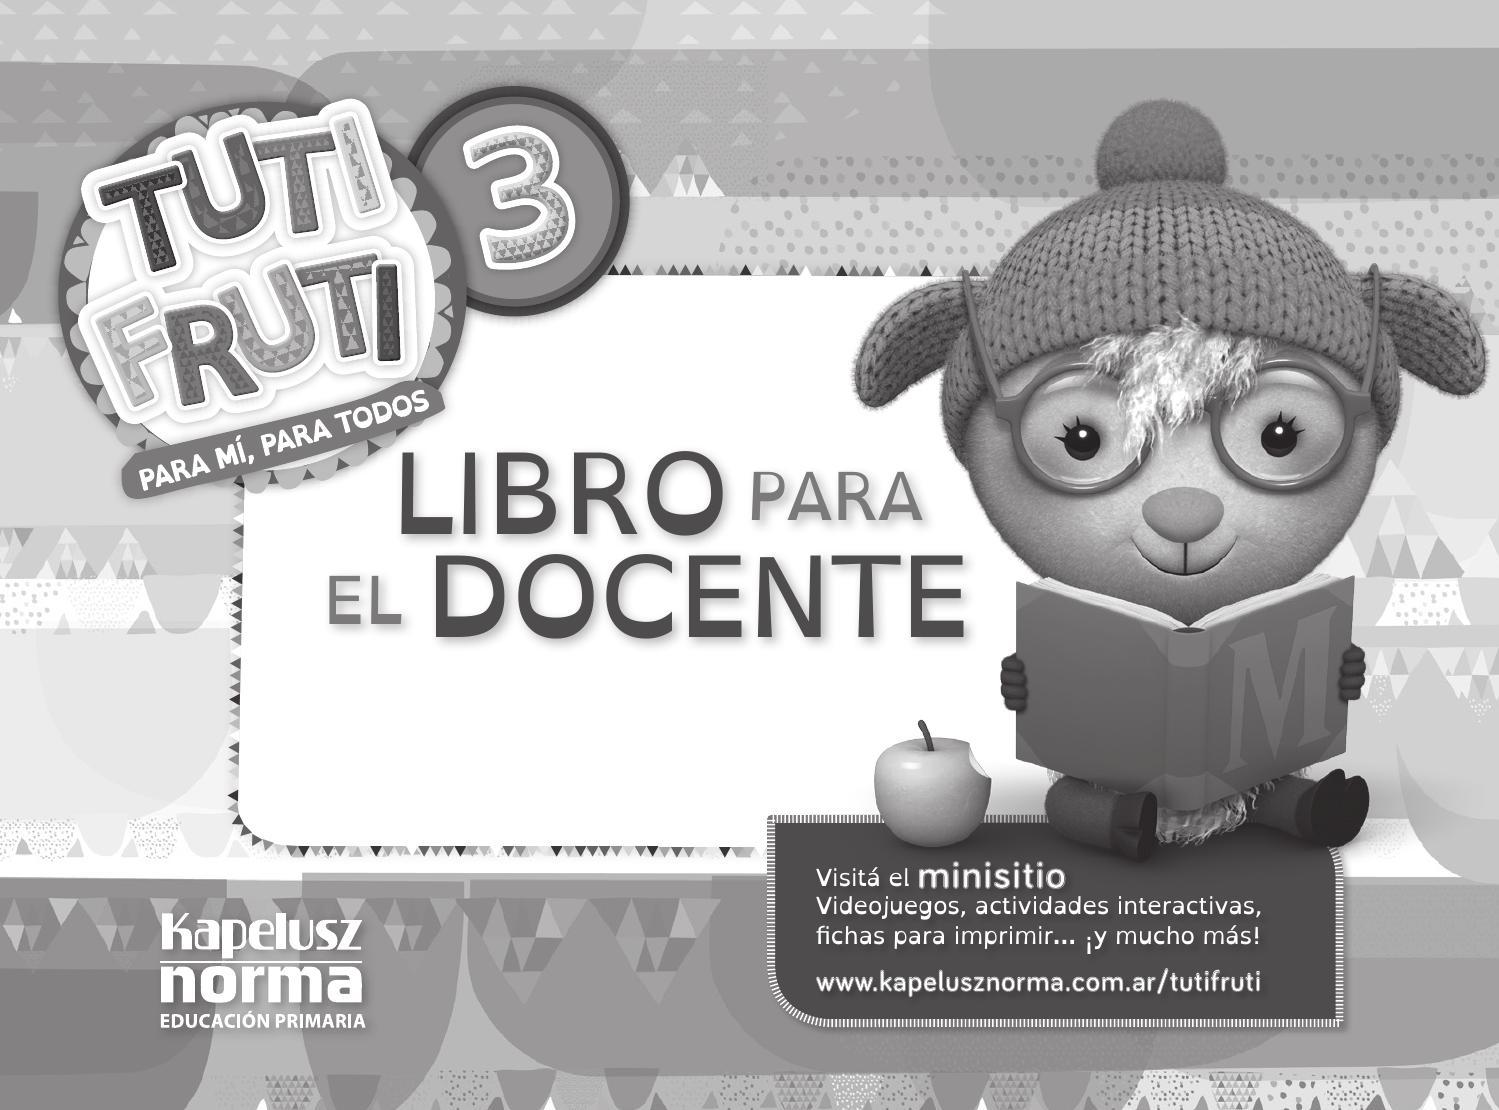 Guía docente. Tuti Fruti 3 by Kapelusz Norma - issuu